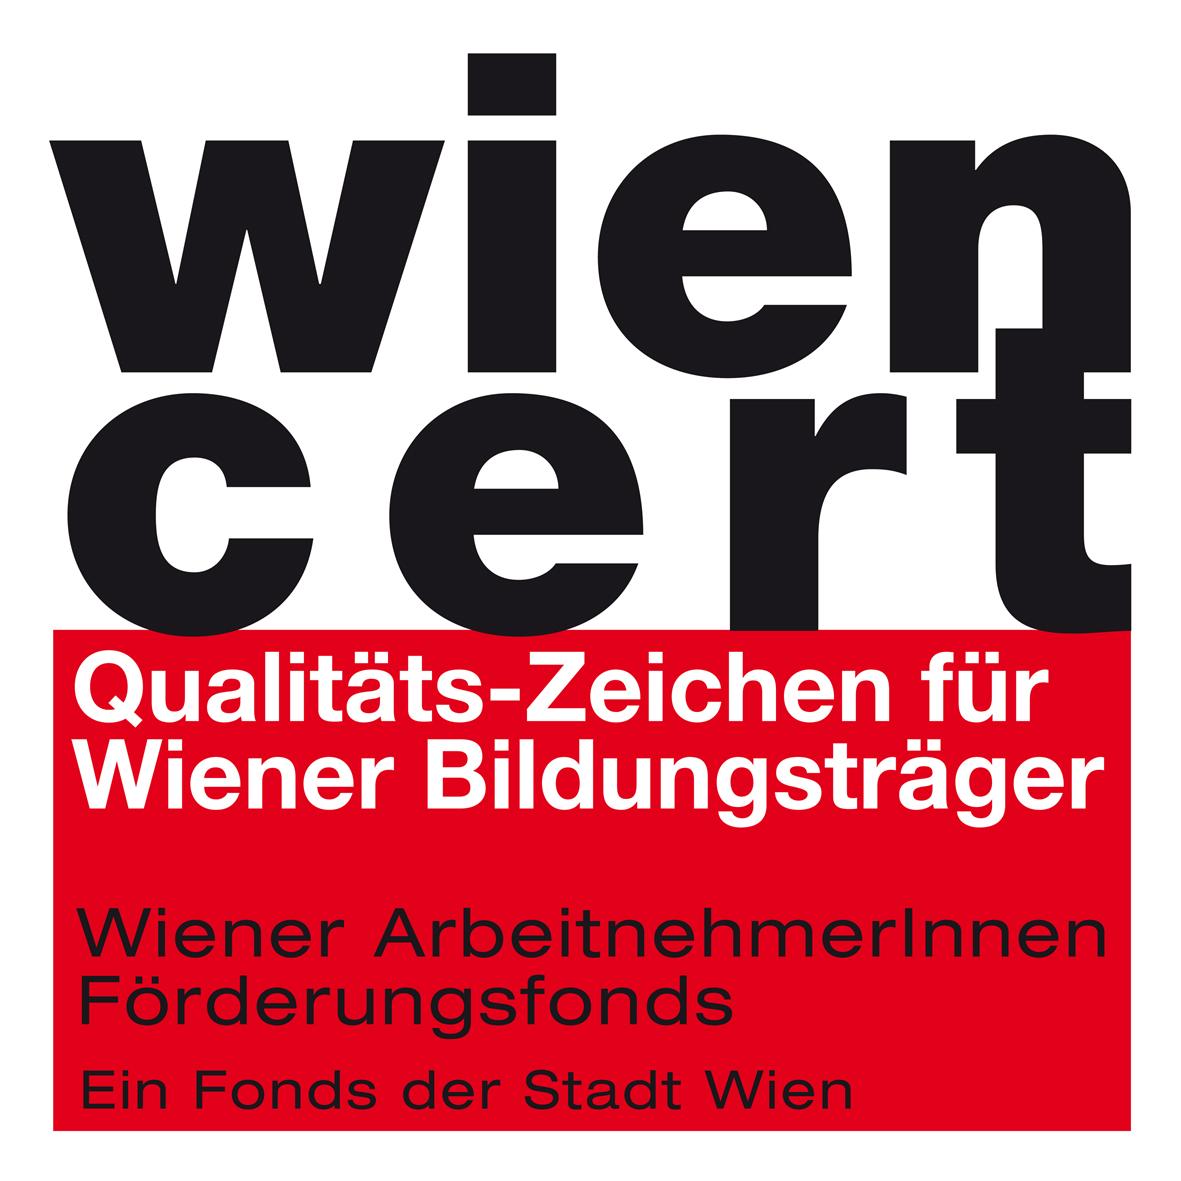 Die LIK Akademie für Foto und Design GmbH ist ein zertifiziertes Erwachsenenbildungsinstitut.